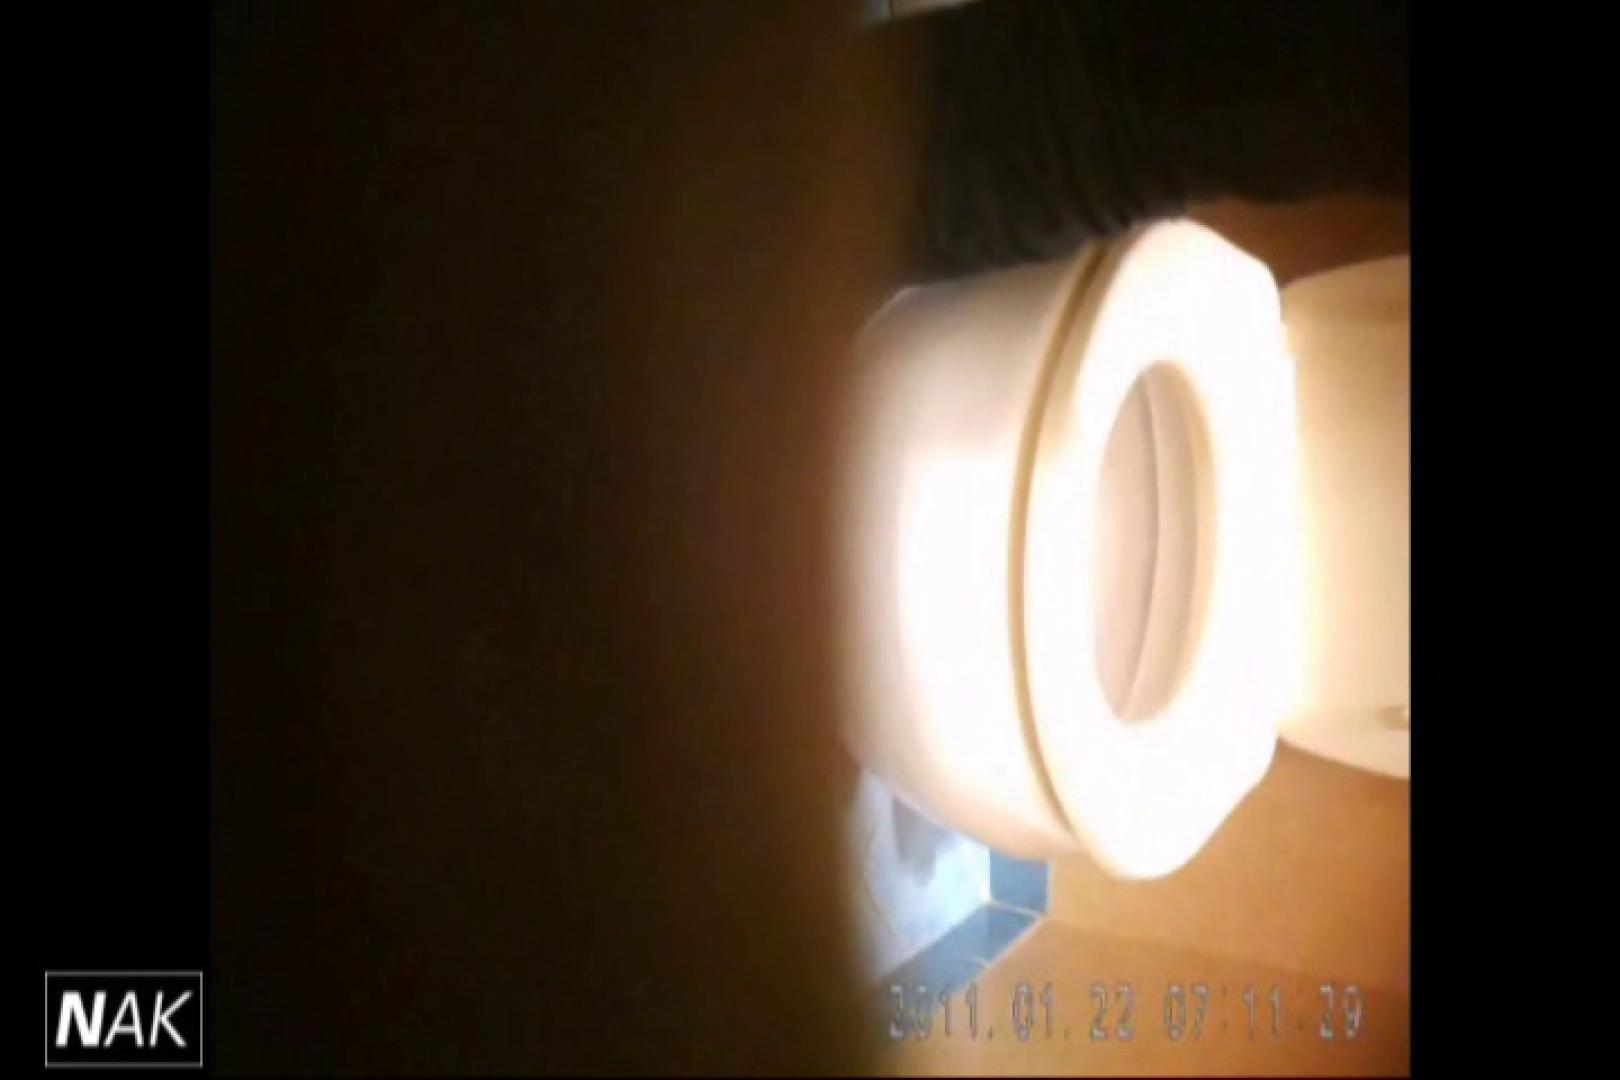 せん八さんの厠観察日記!2点監視カメラ 高画質5000K vol.10 超エロお姉さん われめAV動画紹介 86枚 8